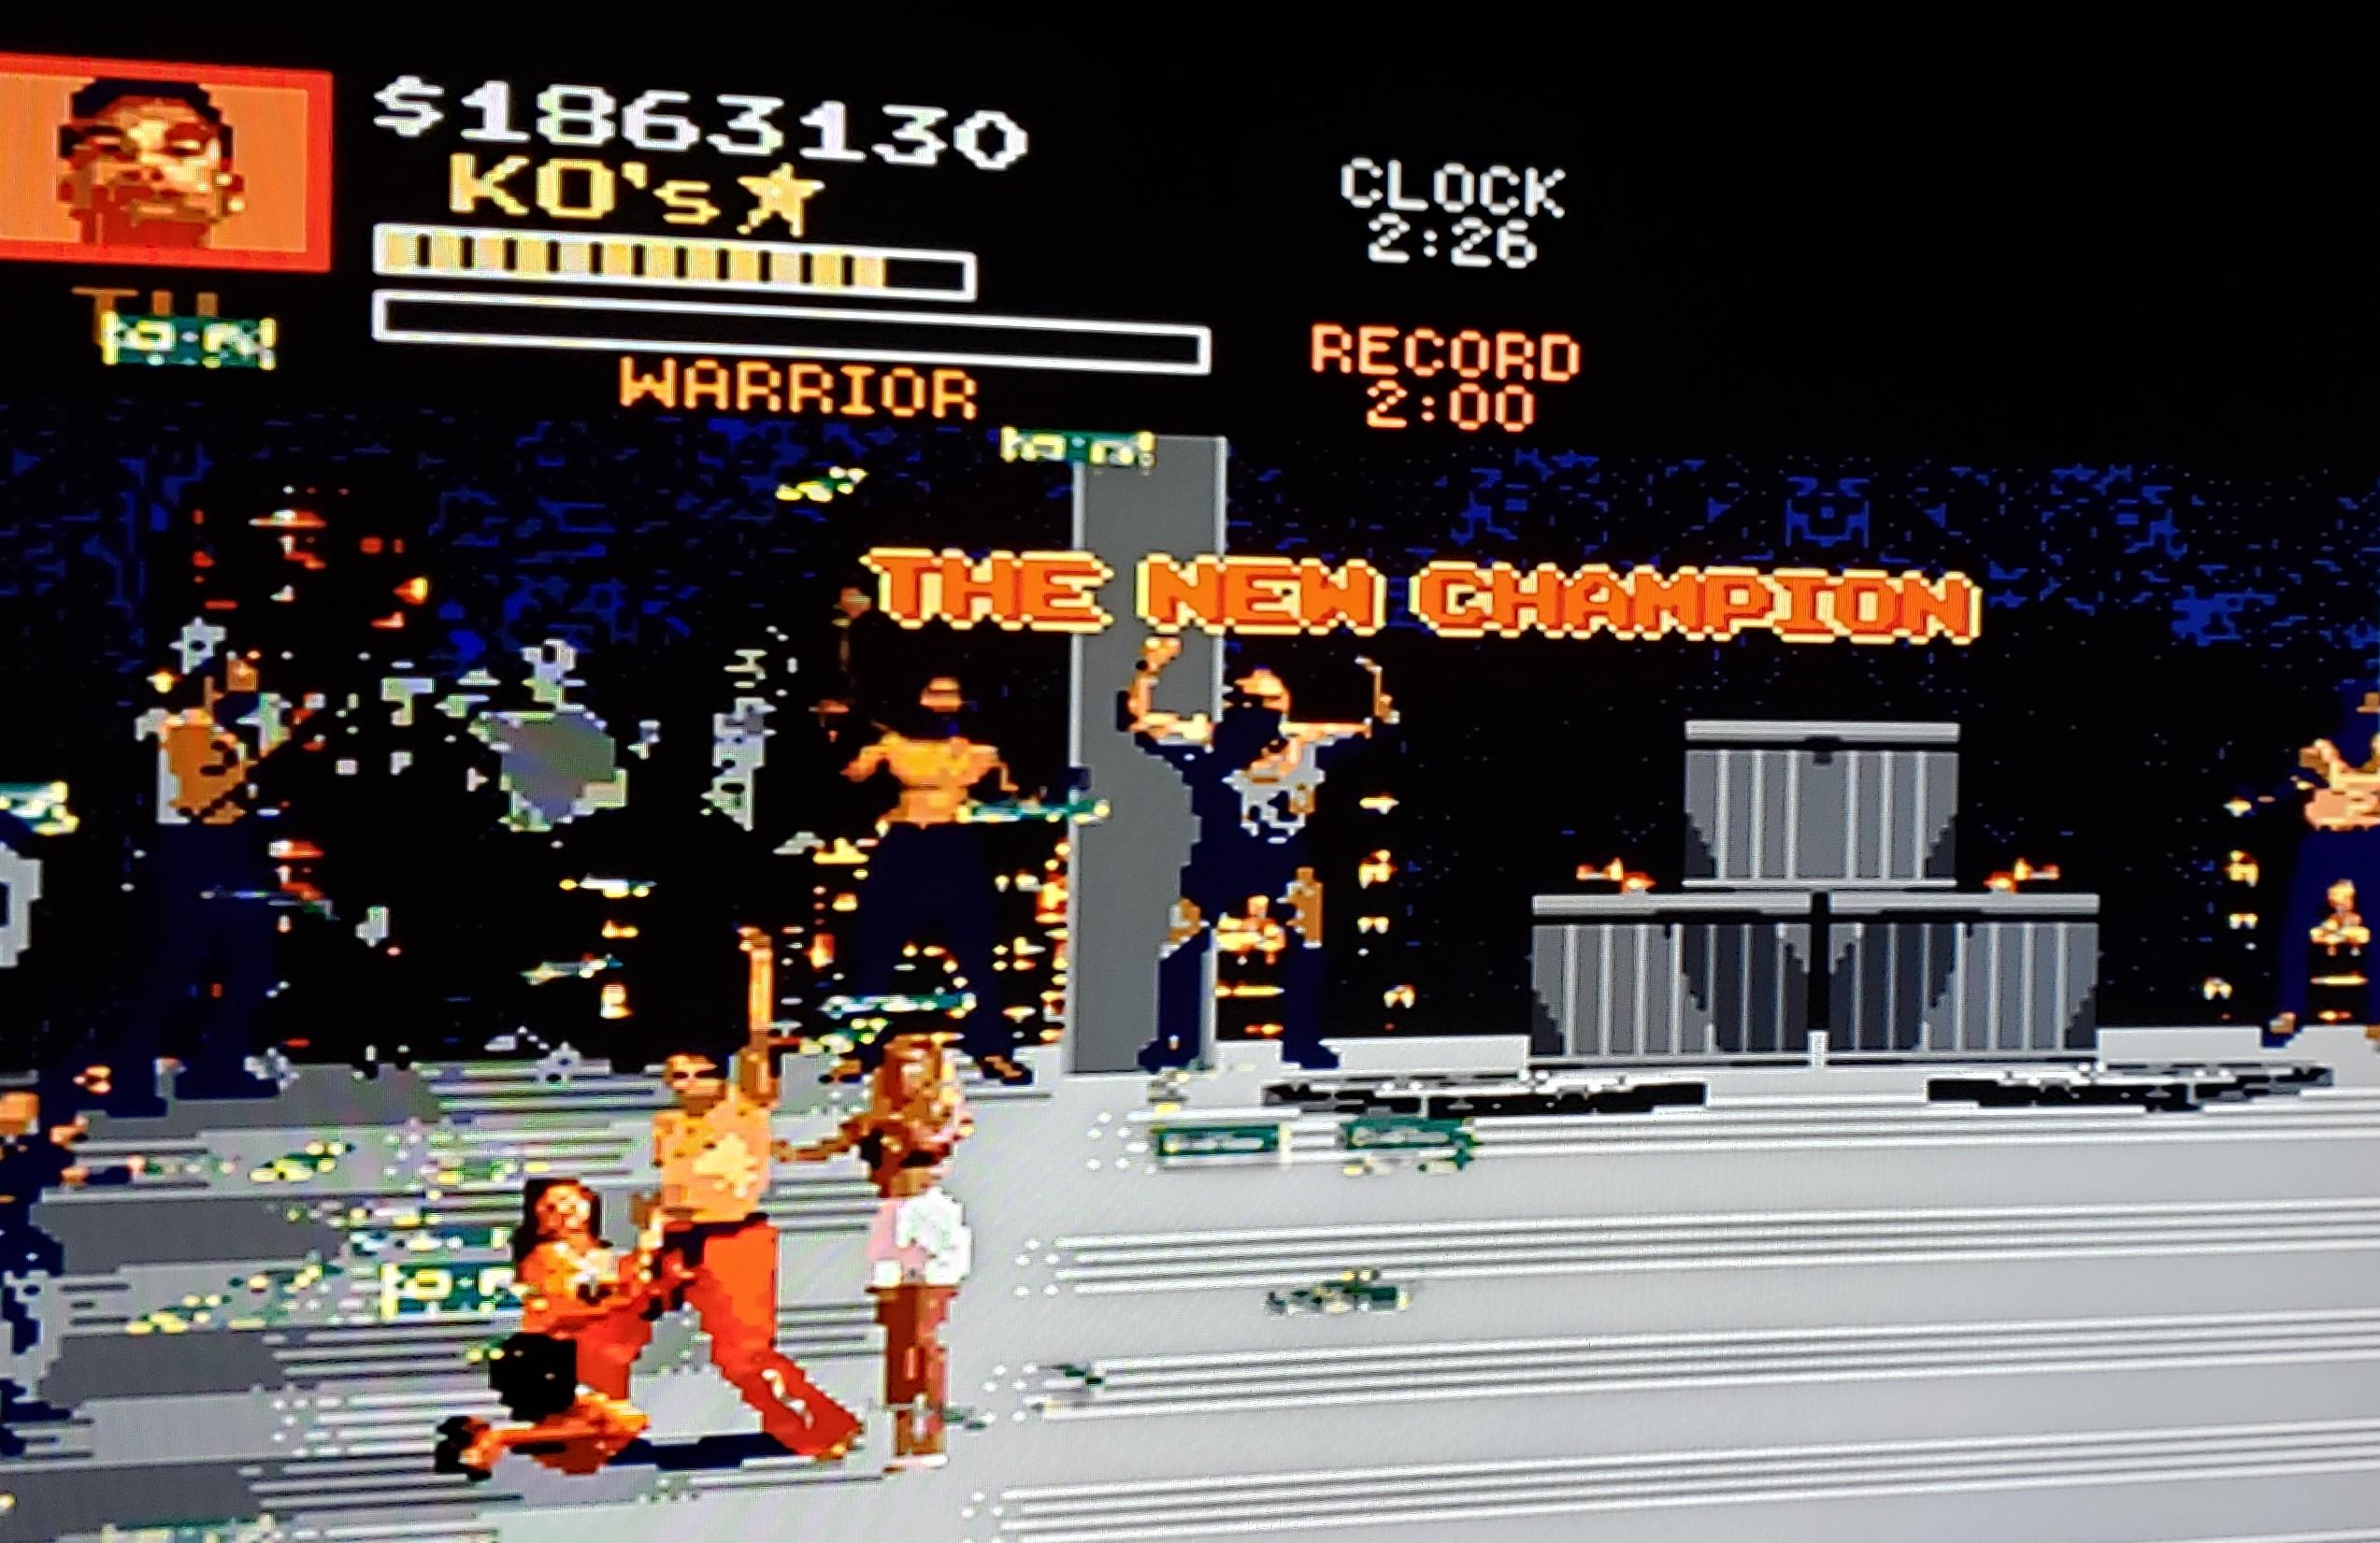 TurboJoe: Pit Fighter [Normal] [3 Lives] (Sega Genesis / MegaDrive Emulated) 1,863,130 points on 2019-12-31 11:48:22